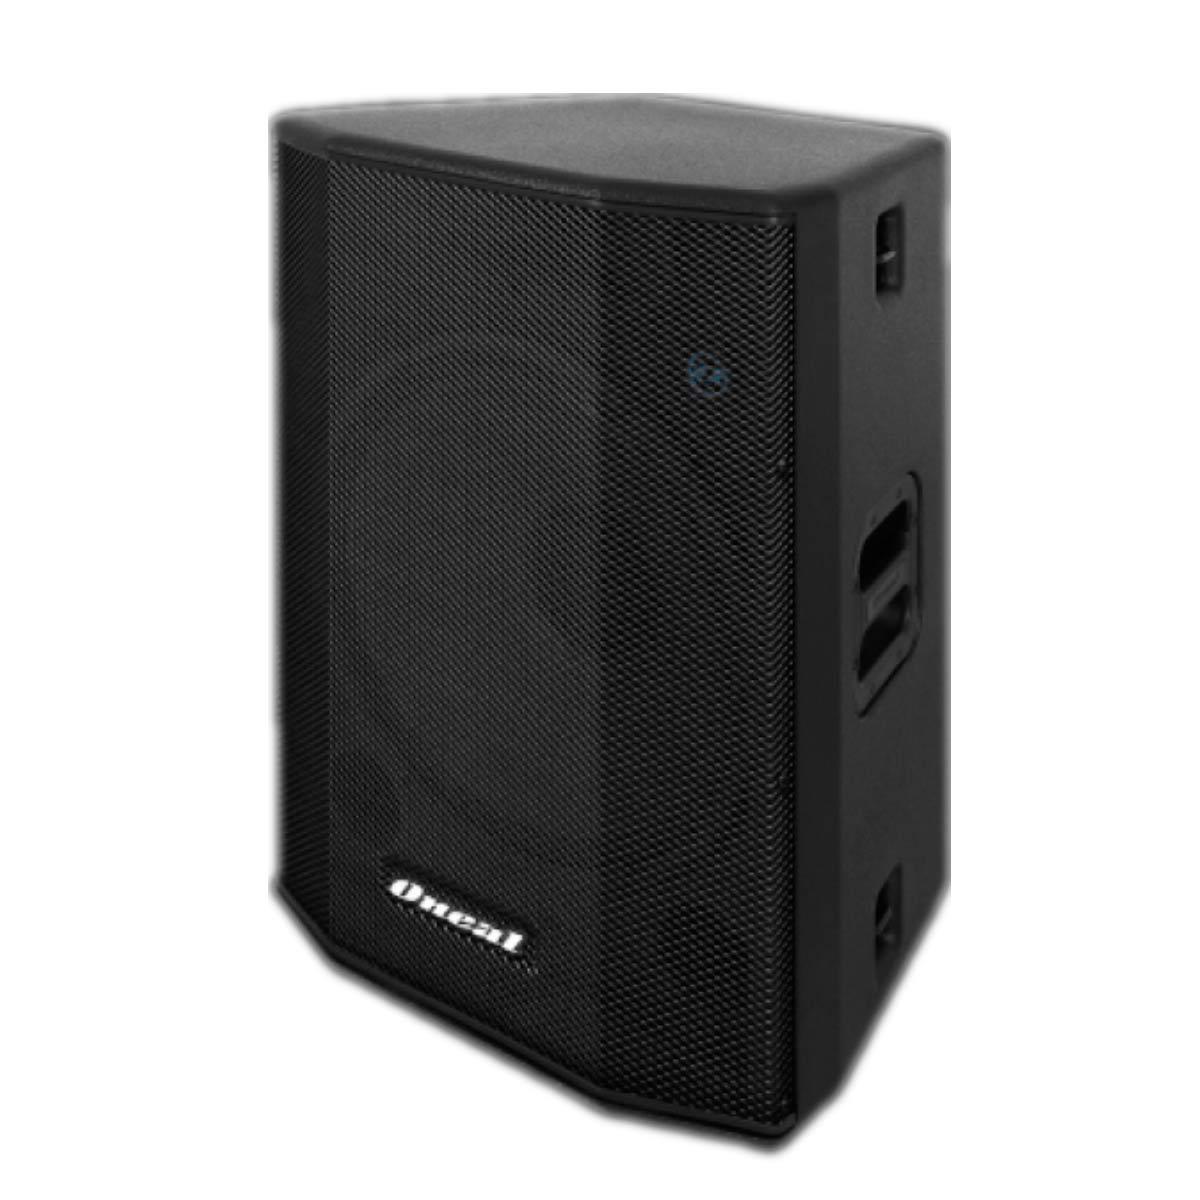 Caixa Acústica Oneal Ativa 450 W Rms Opb1850